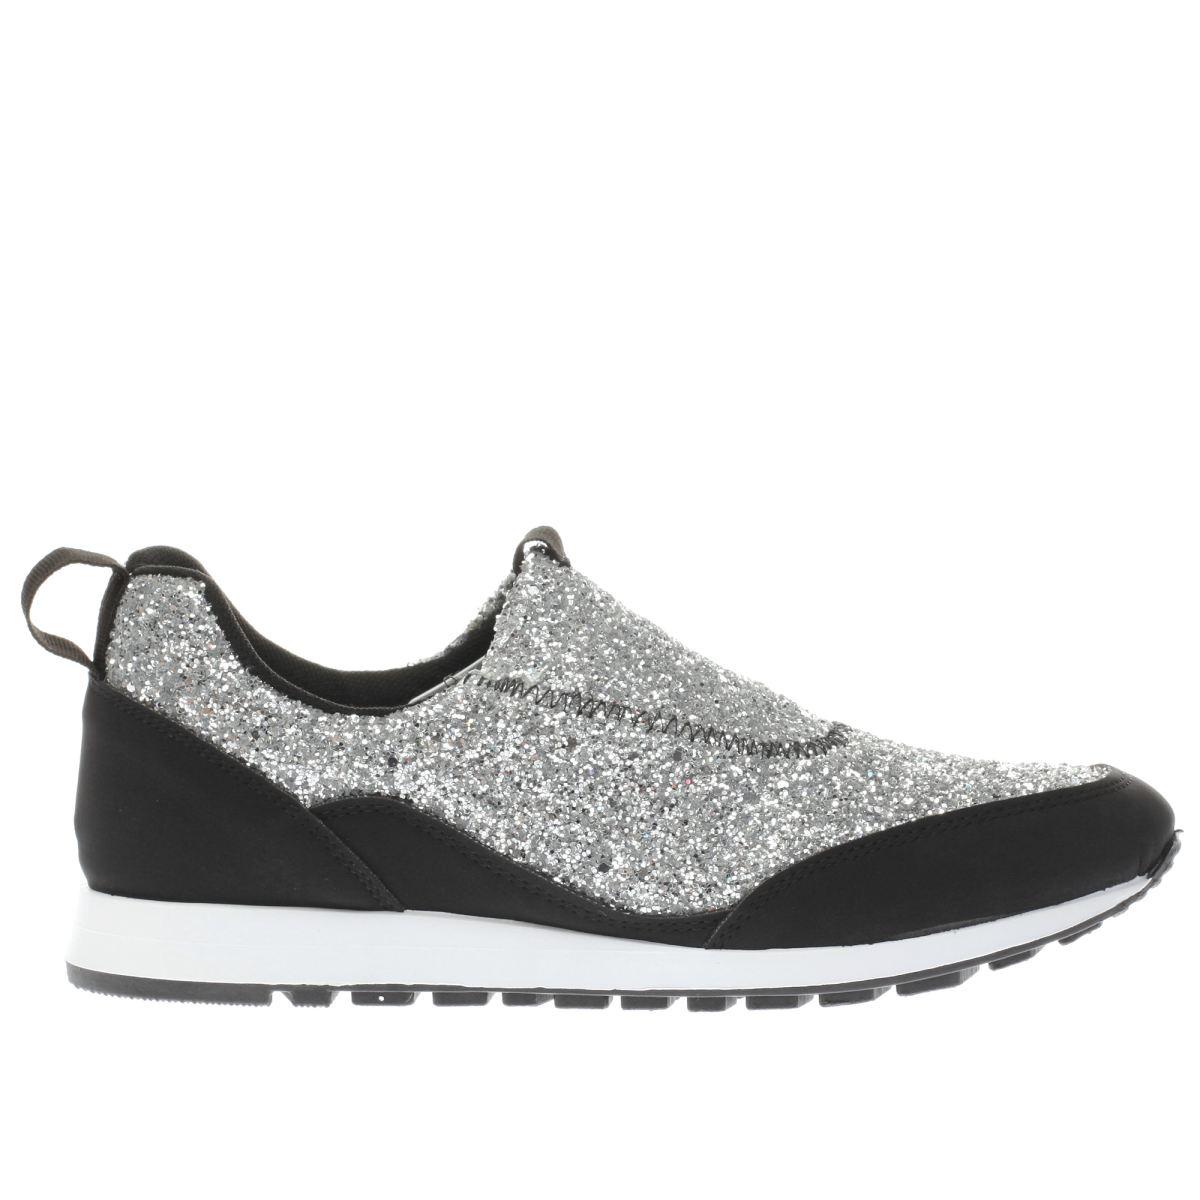 schuh silver & black aficionado flat shoes